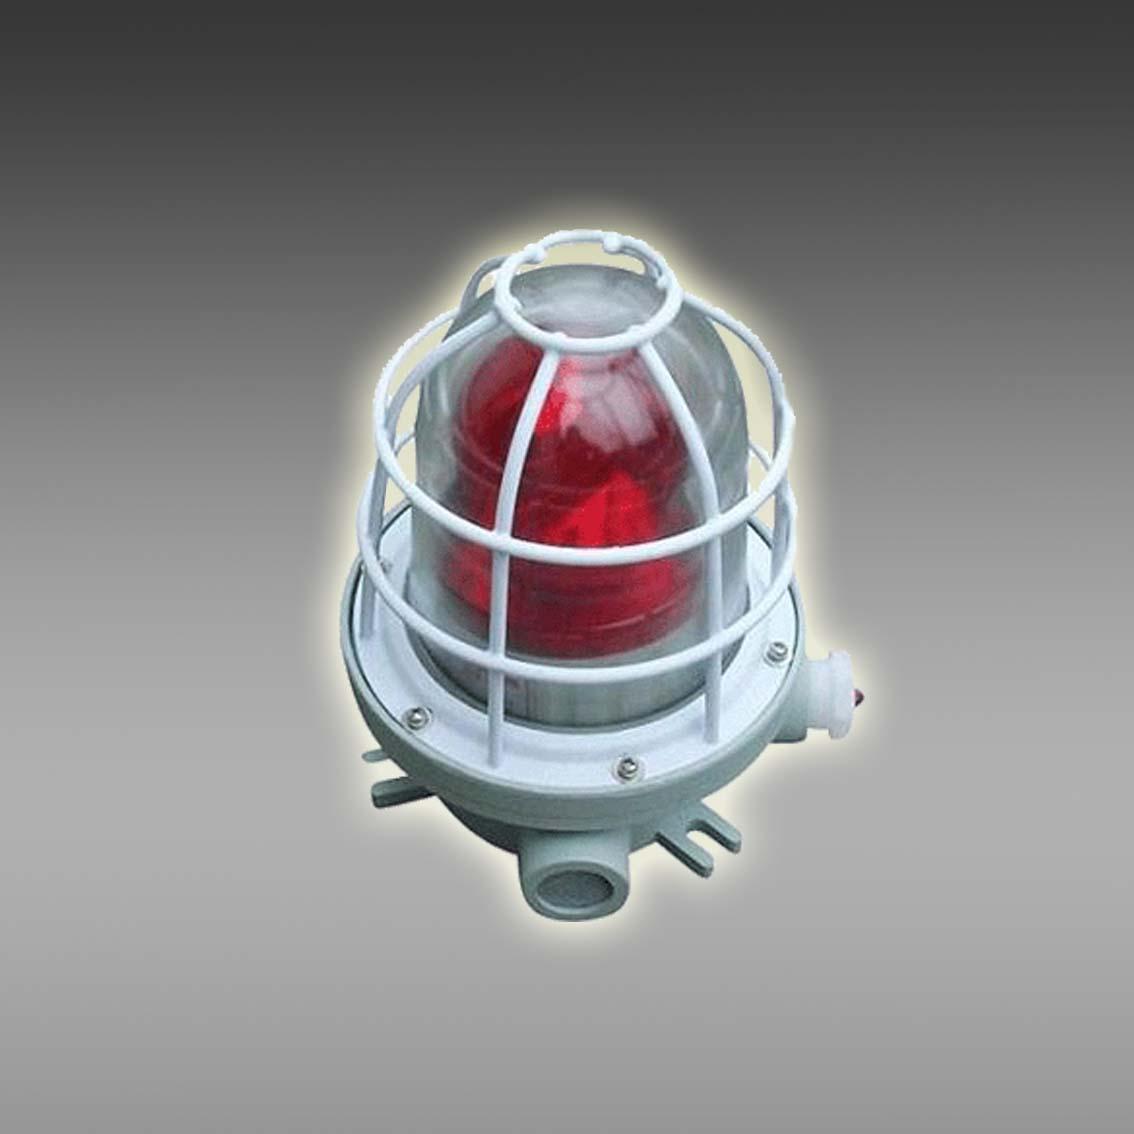 首页 照明分类 室外照明灯具 泛光灯 > 防爆声光报警器 bbj21供应详情